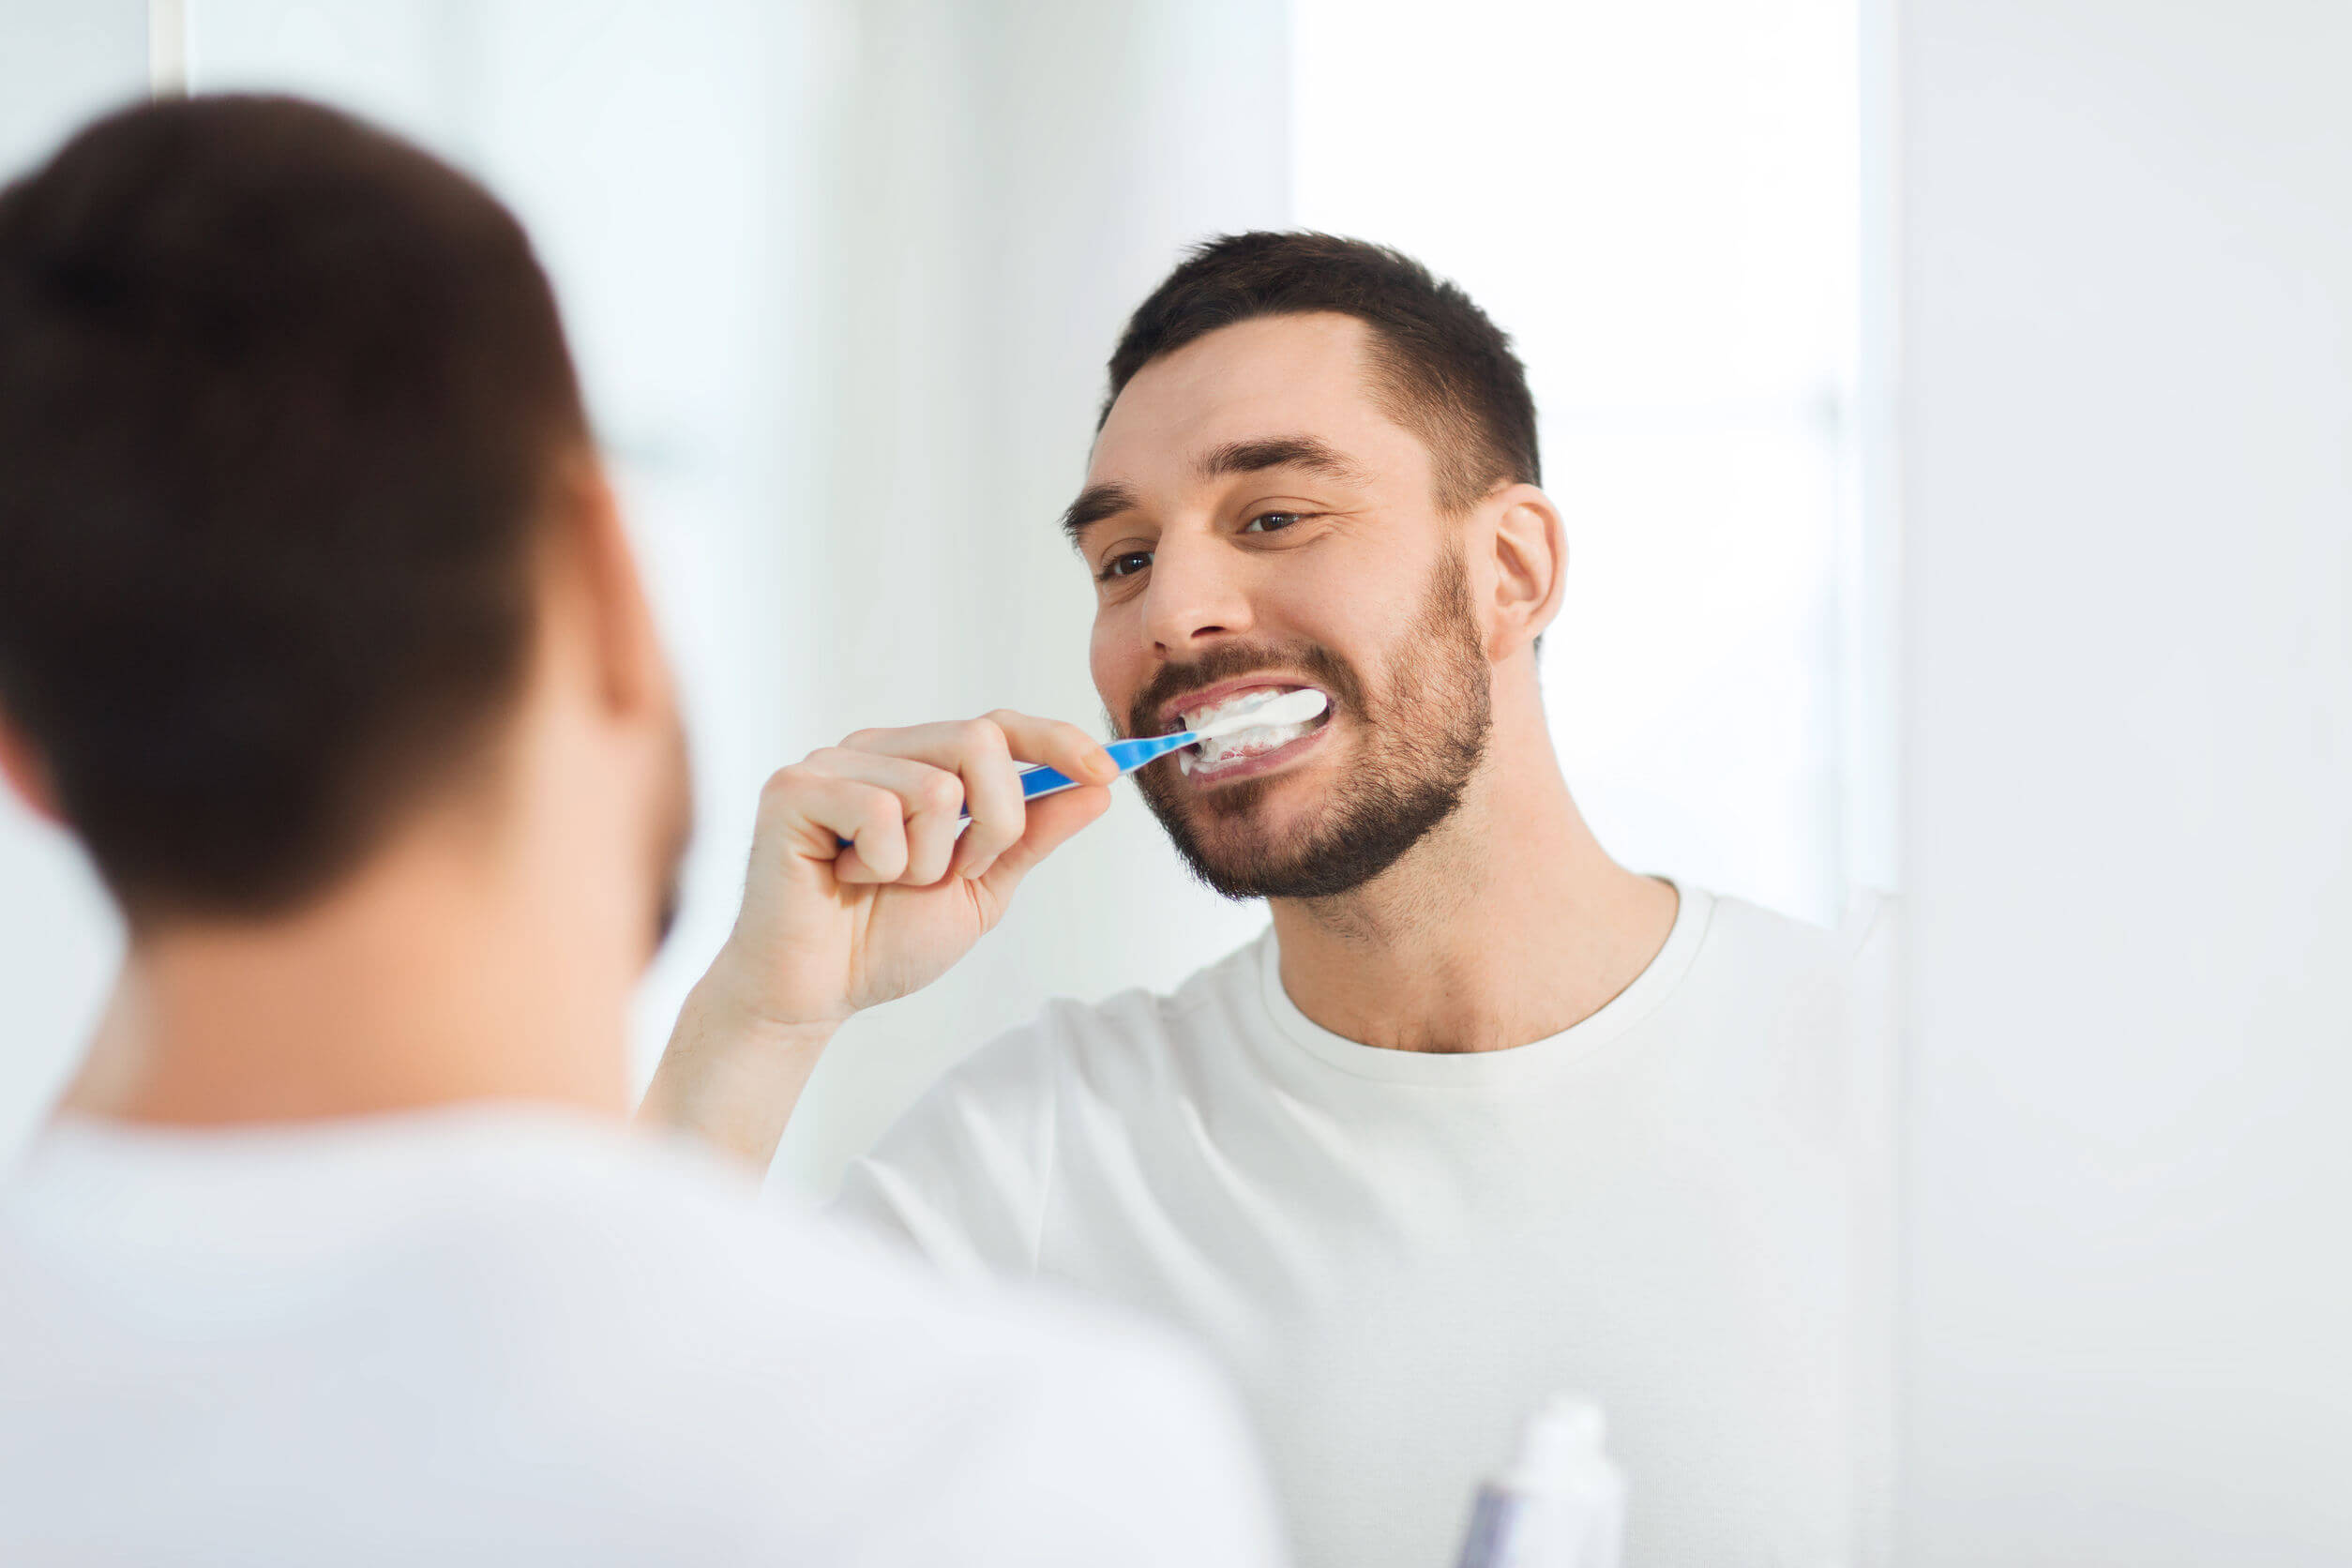 Para prevenir las llagas en la boca, es necesario tener una buena higiene bucal.